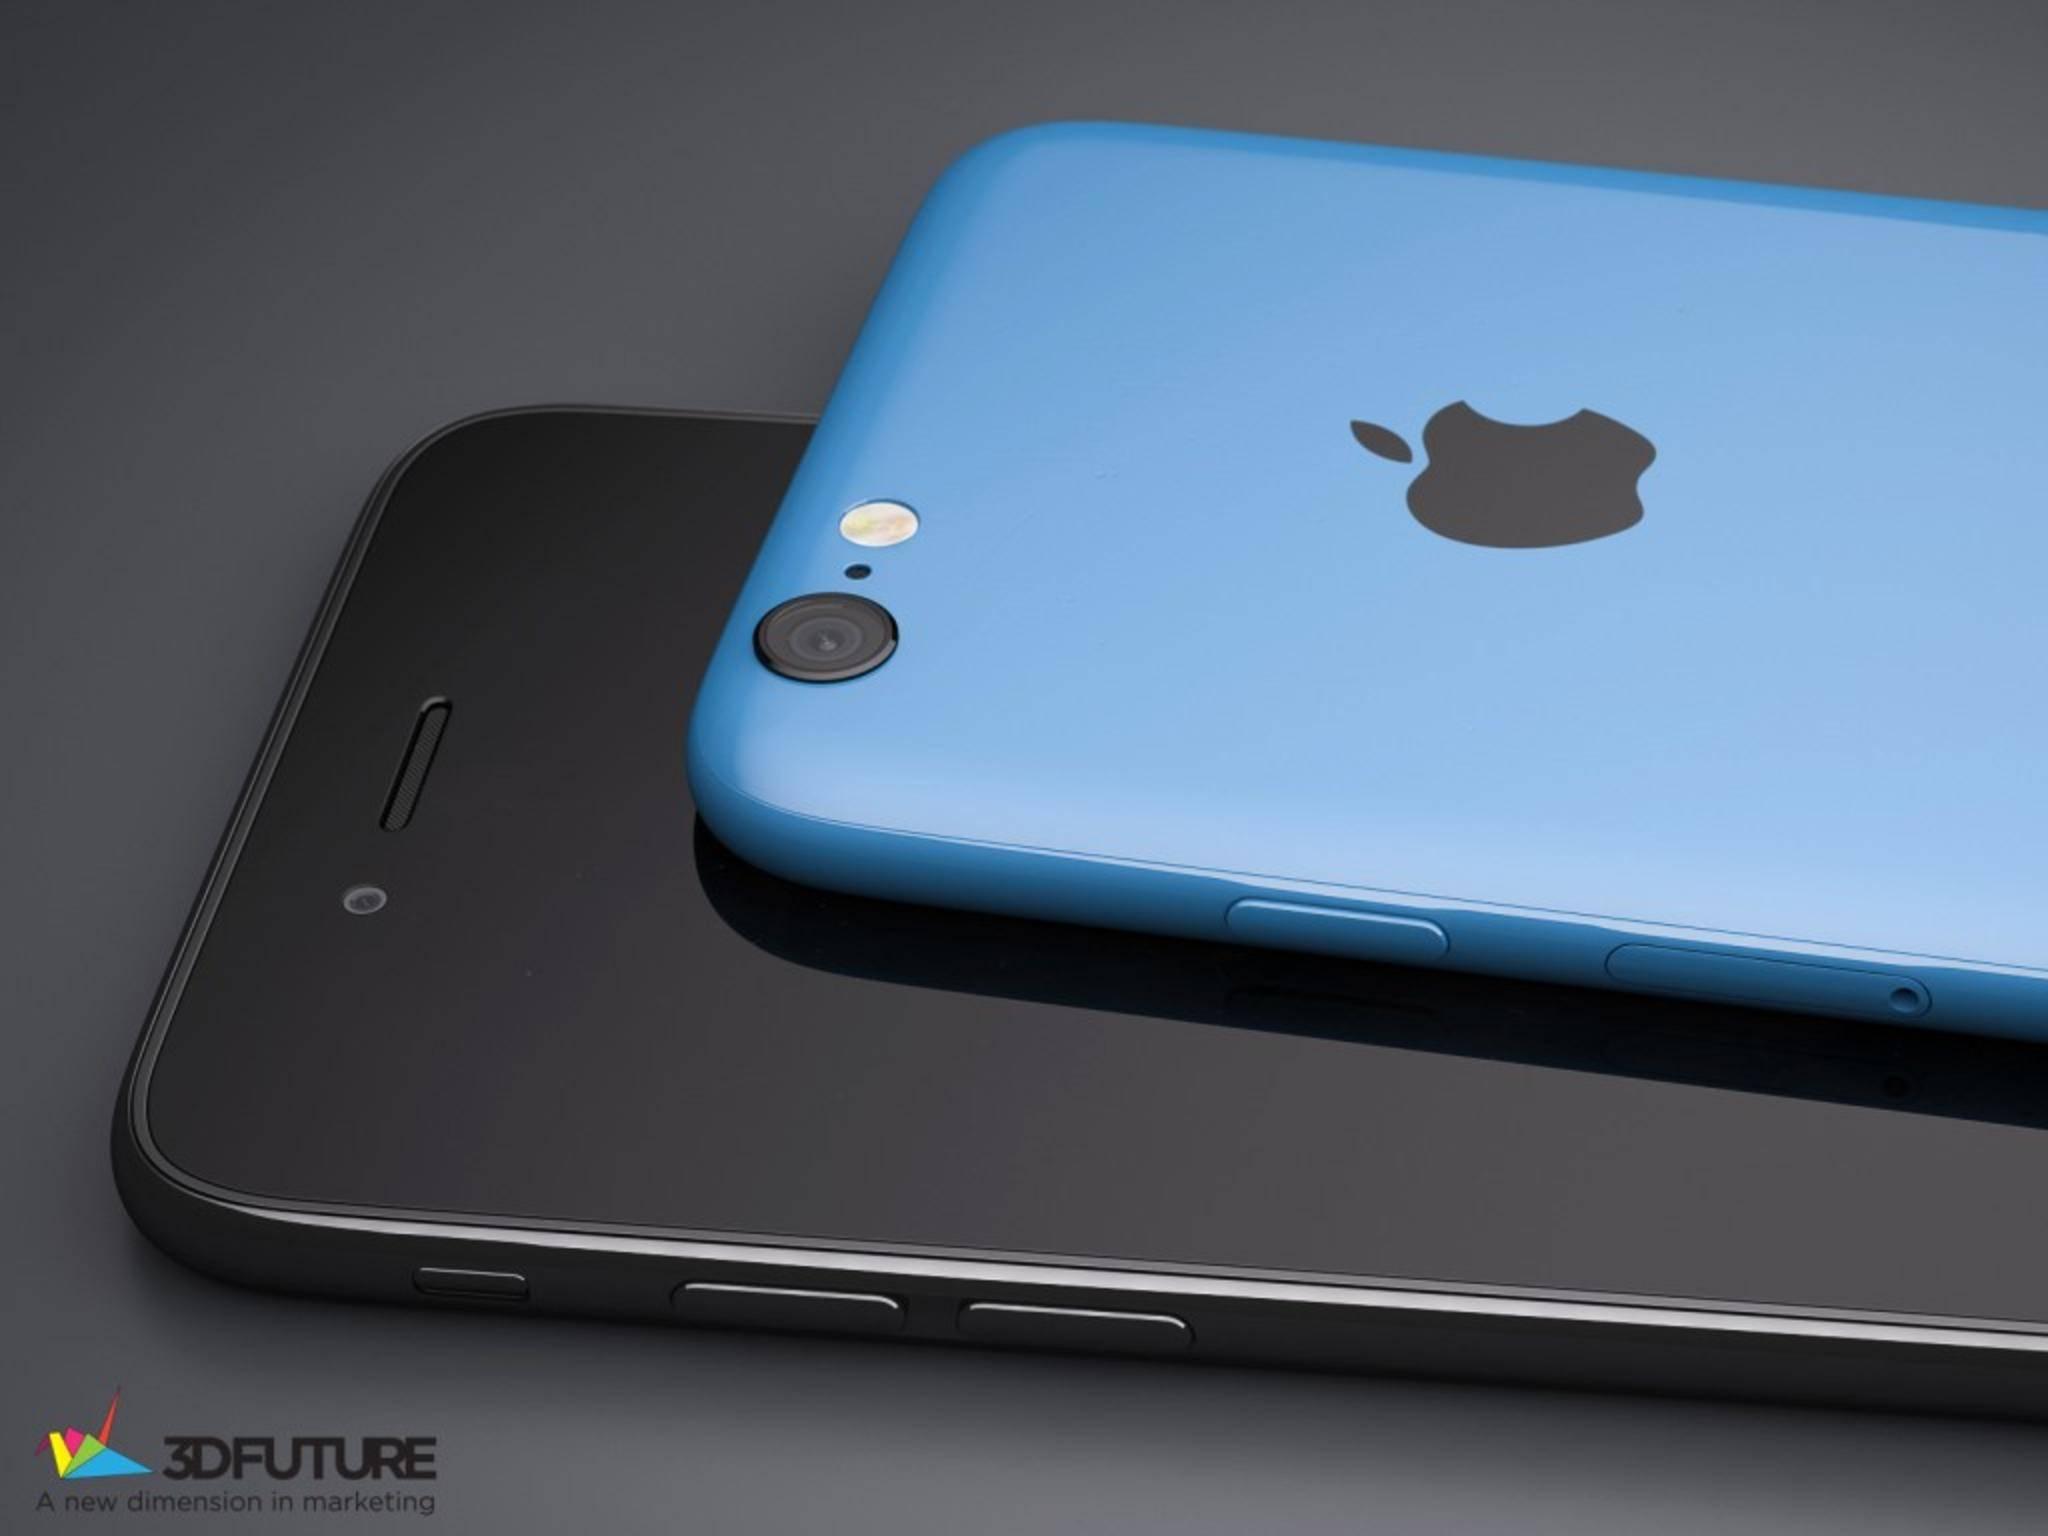 Das nächste iPhone könnte auch als Farbvariante iPhone 6c erscheinen.